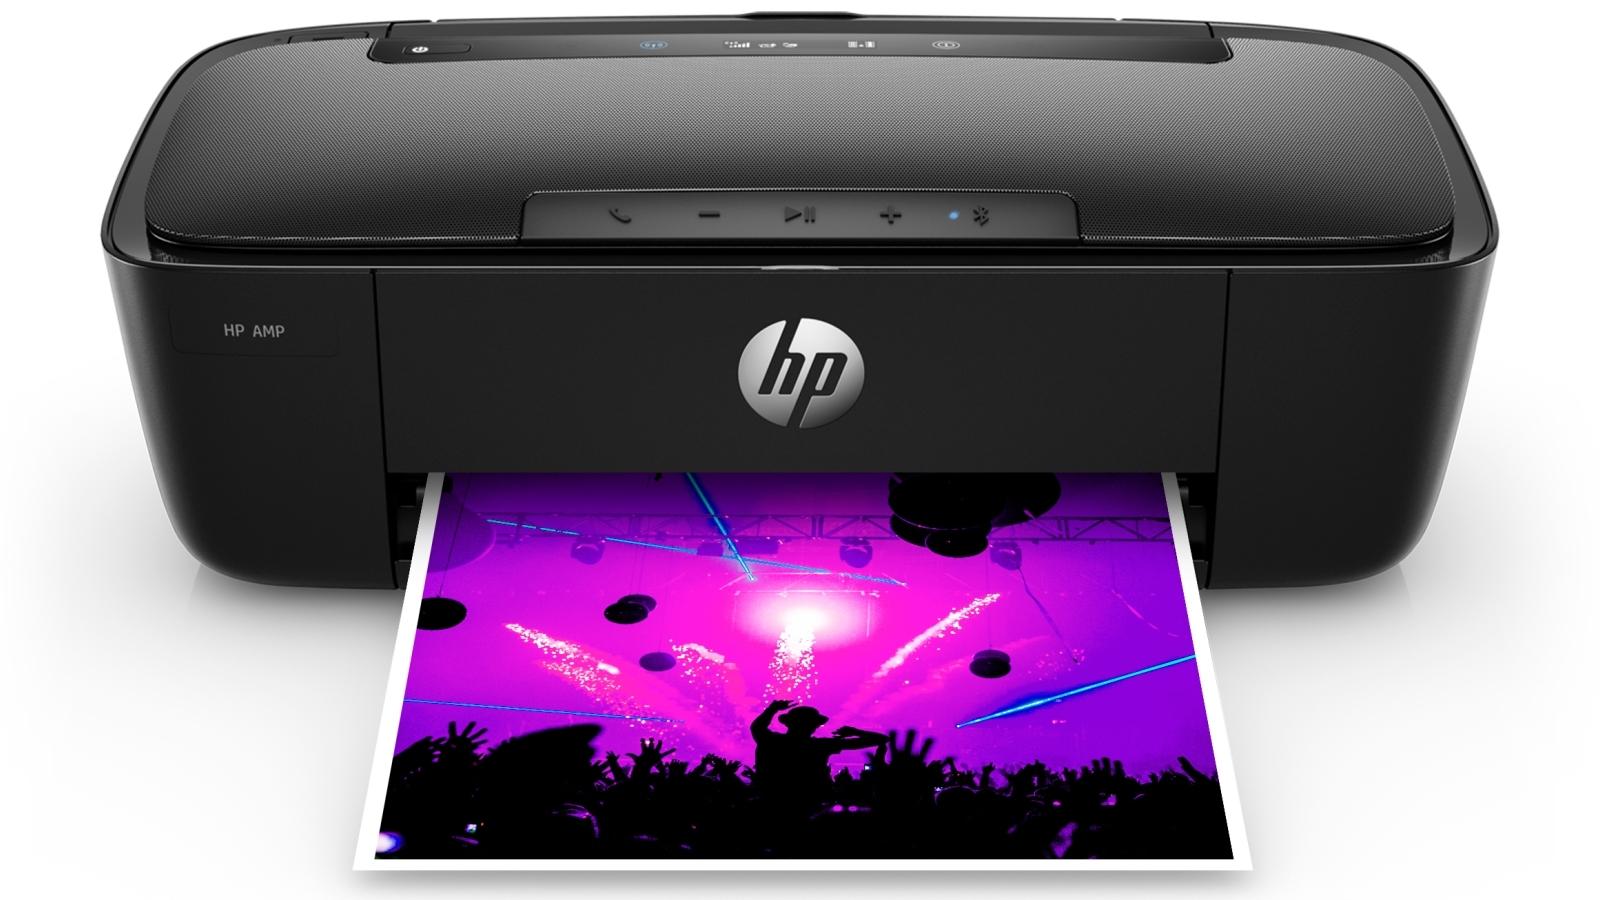 Rekomendasi Printer Epson Infus Untuk Percetakan dan Cetak Foto Murah